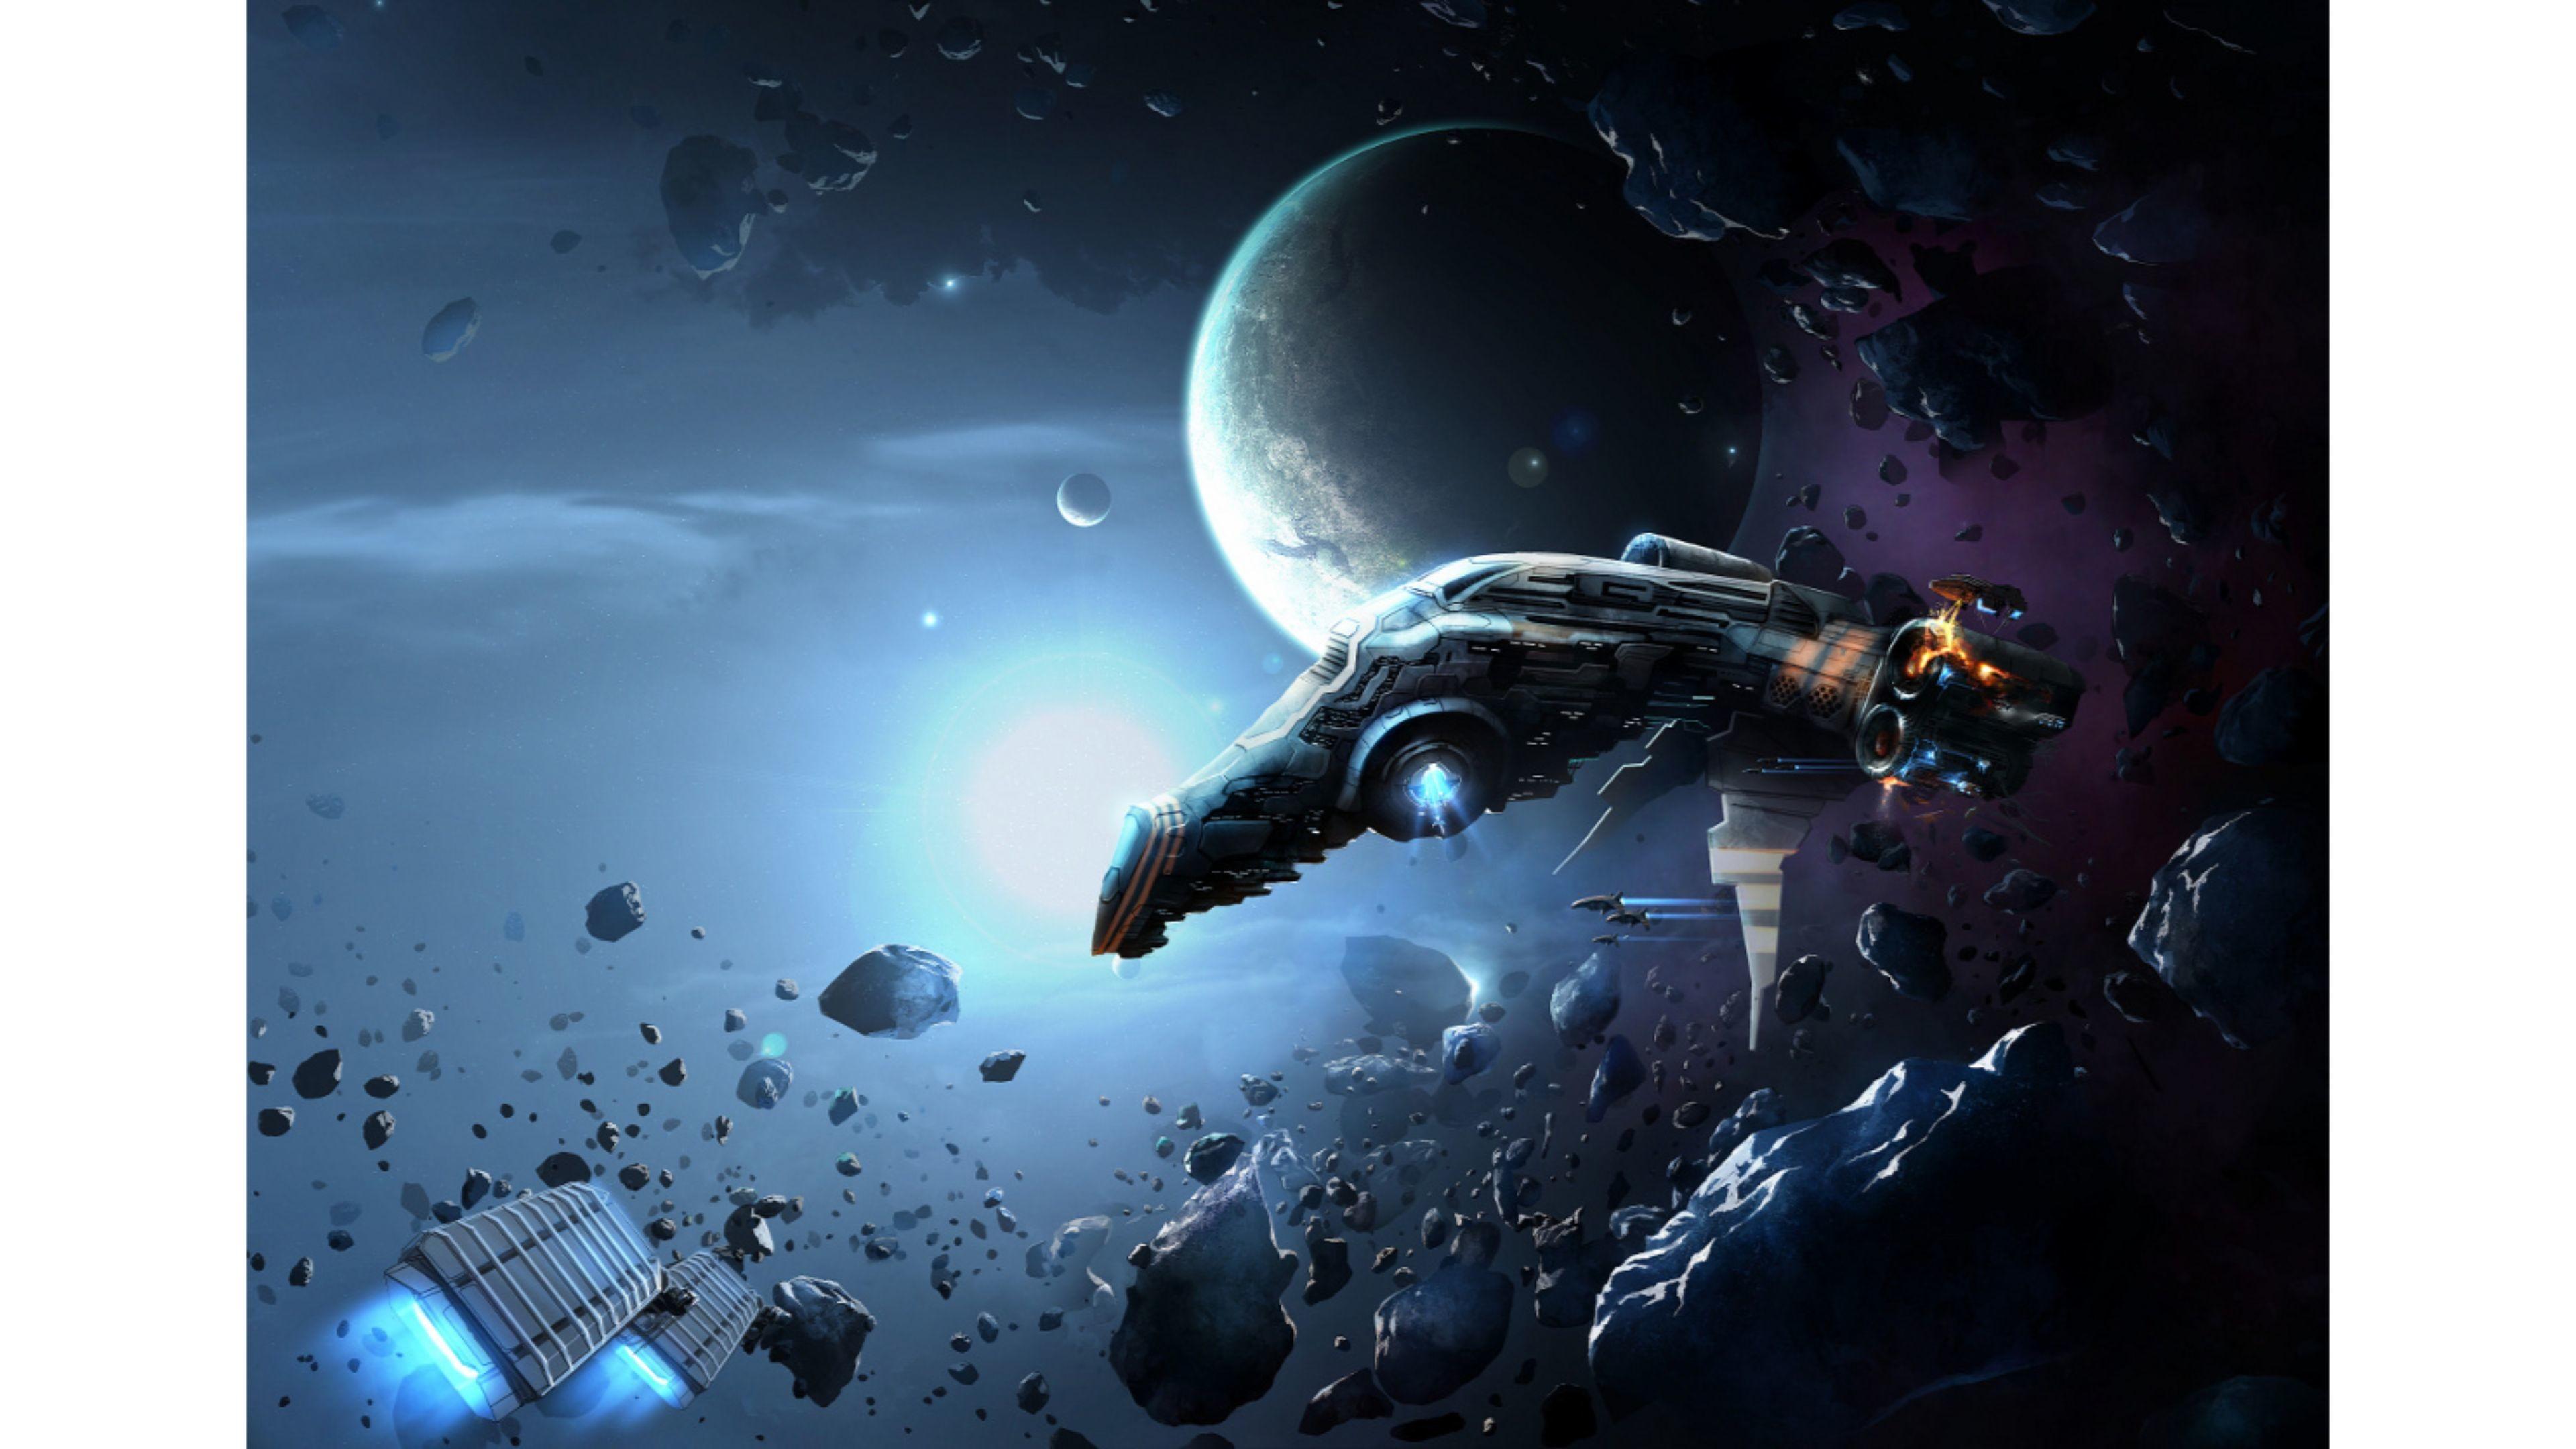 Sci Fi Asteroid 4K Wallpaper